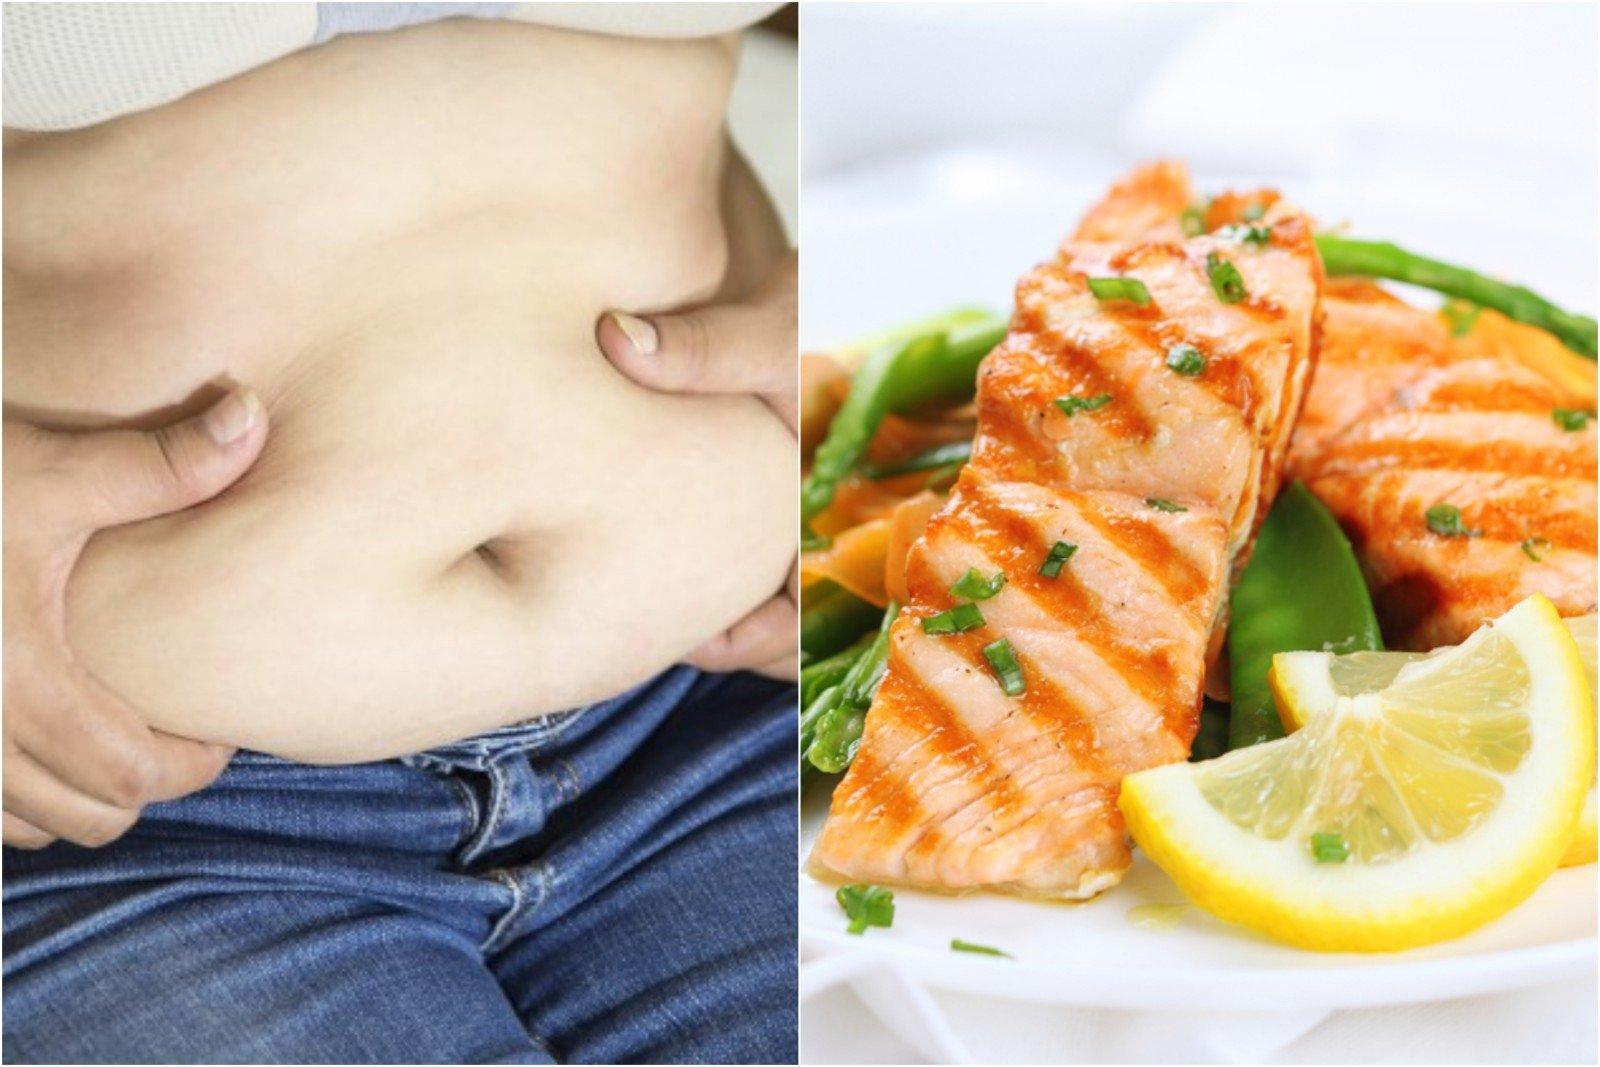 8 moksliškai pagrįsti mitybos planai, kad m. būtume lieknesni Svorio stebėtojas